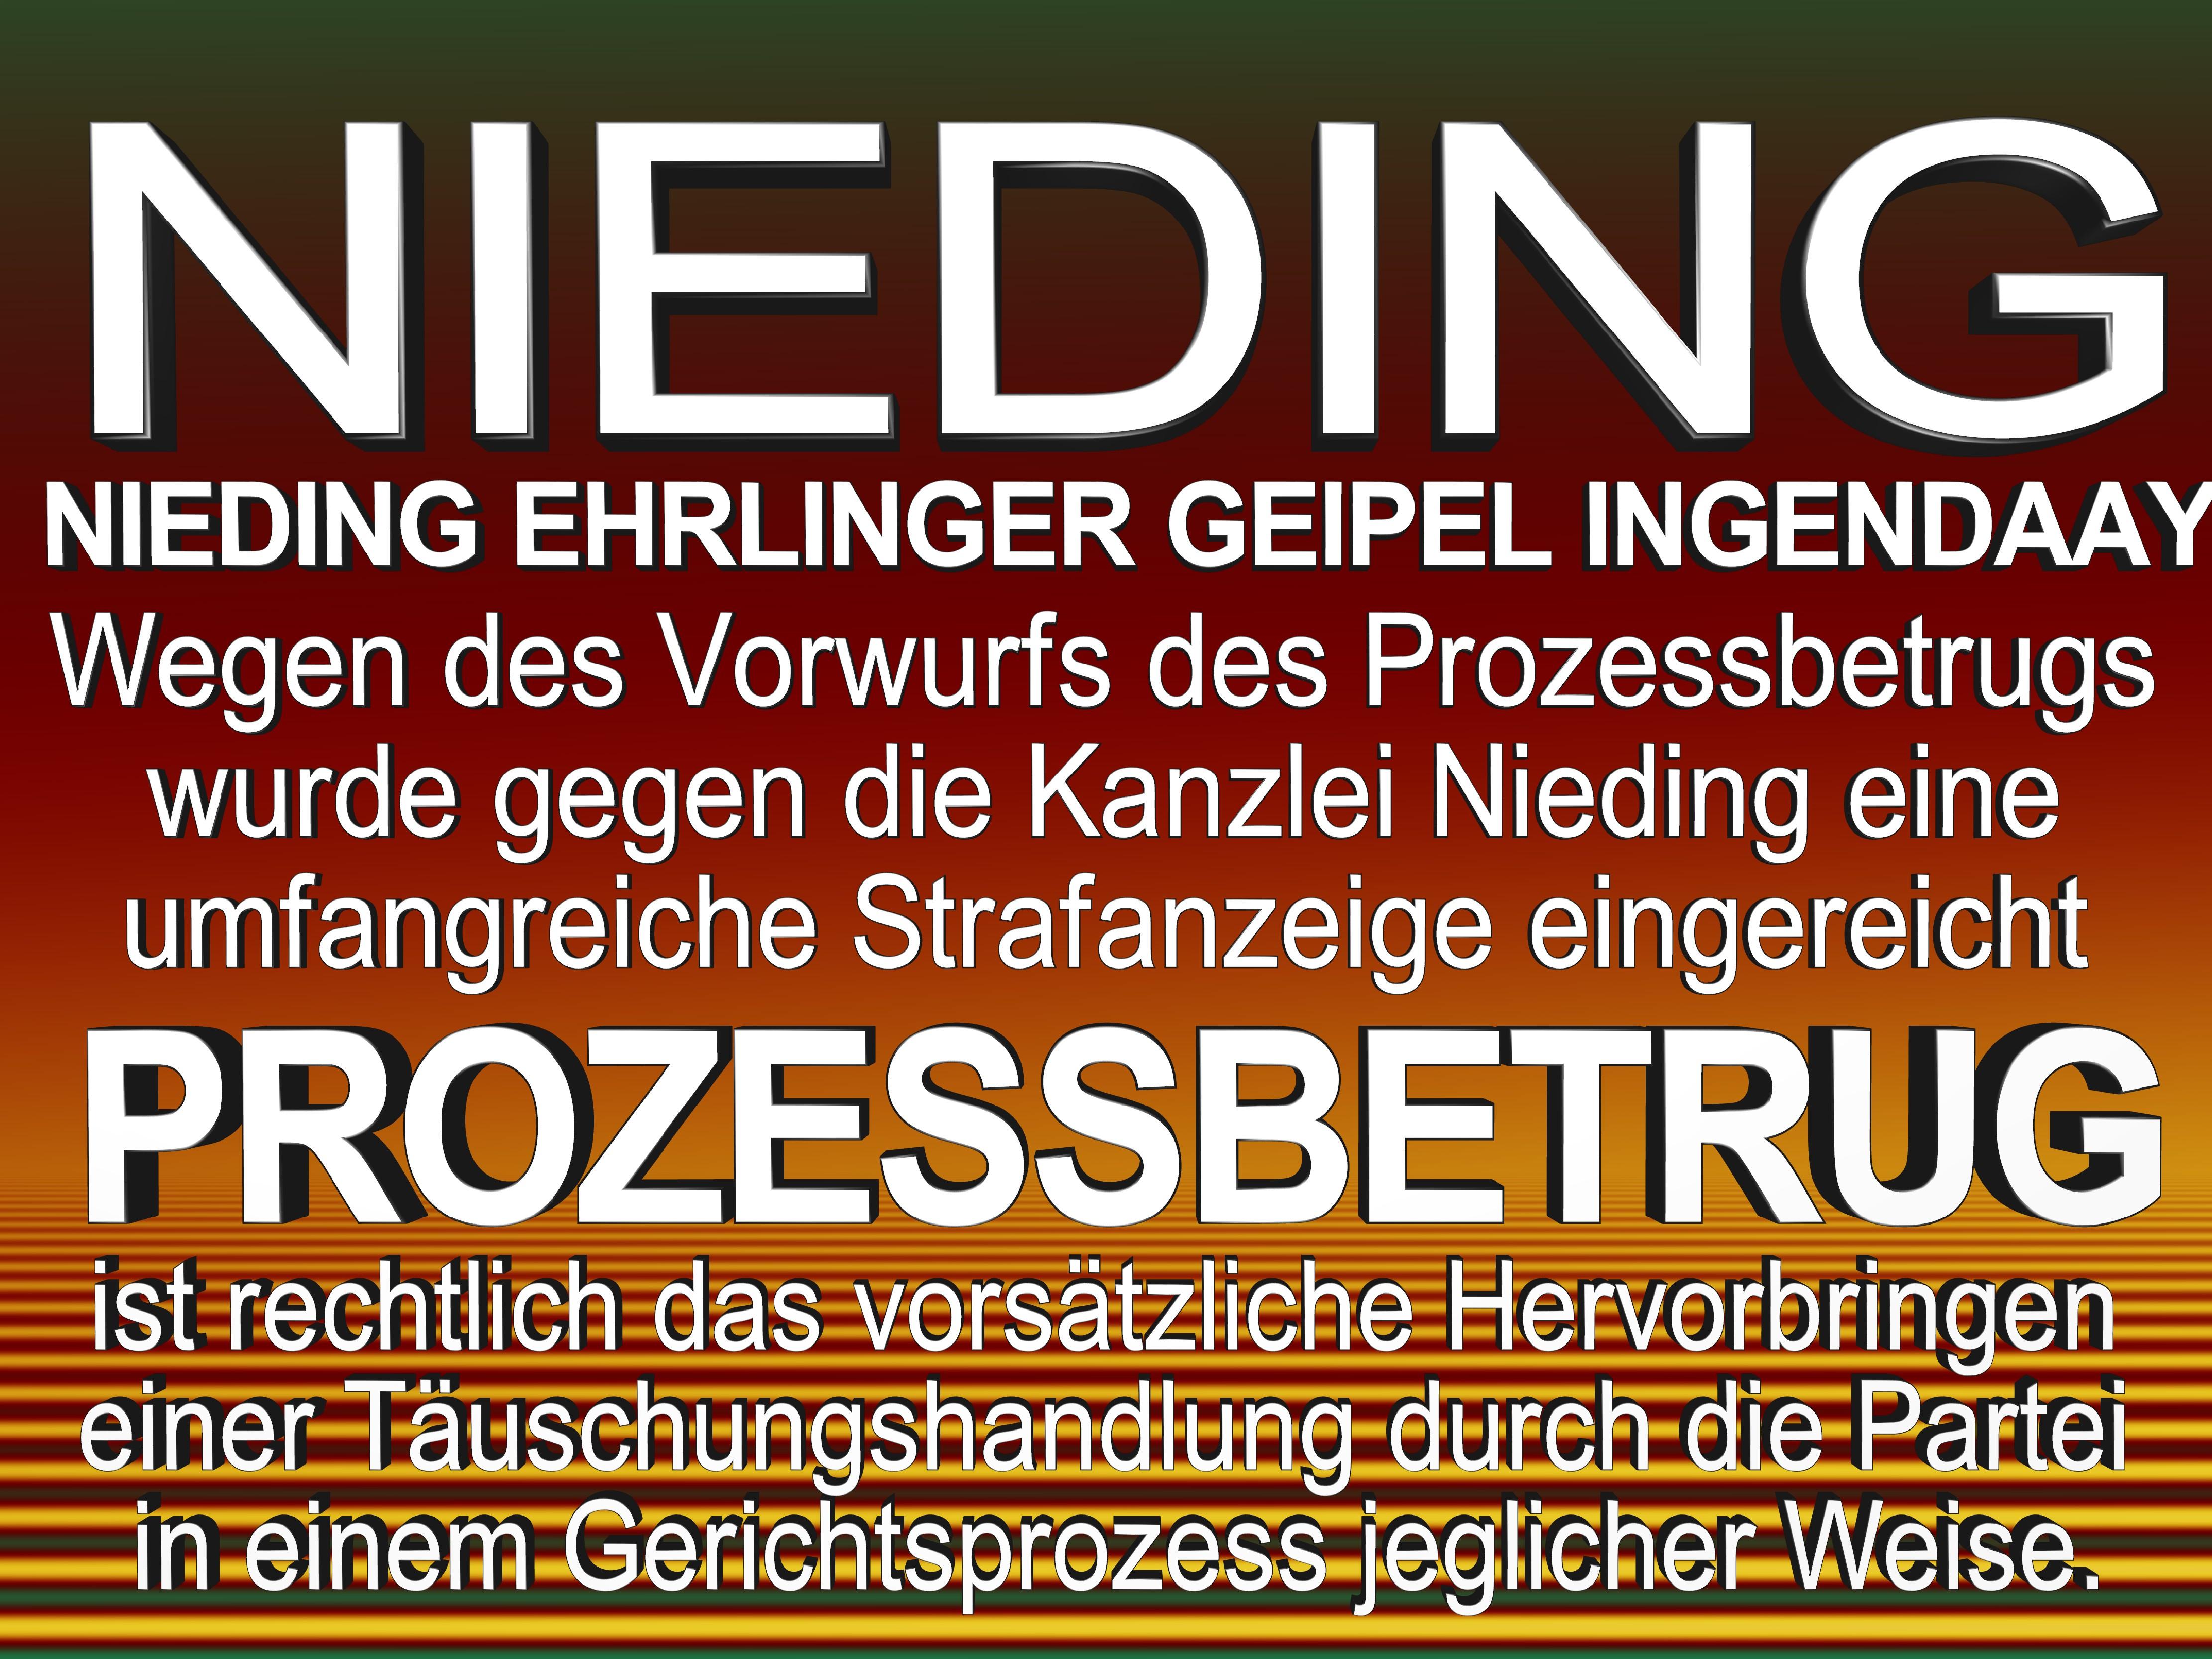 NIEDING EHRLINGER GEIPEL INGENDAAY LELKE Kurfürstendamm 66 Berlin (128)